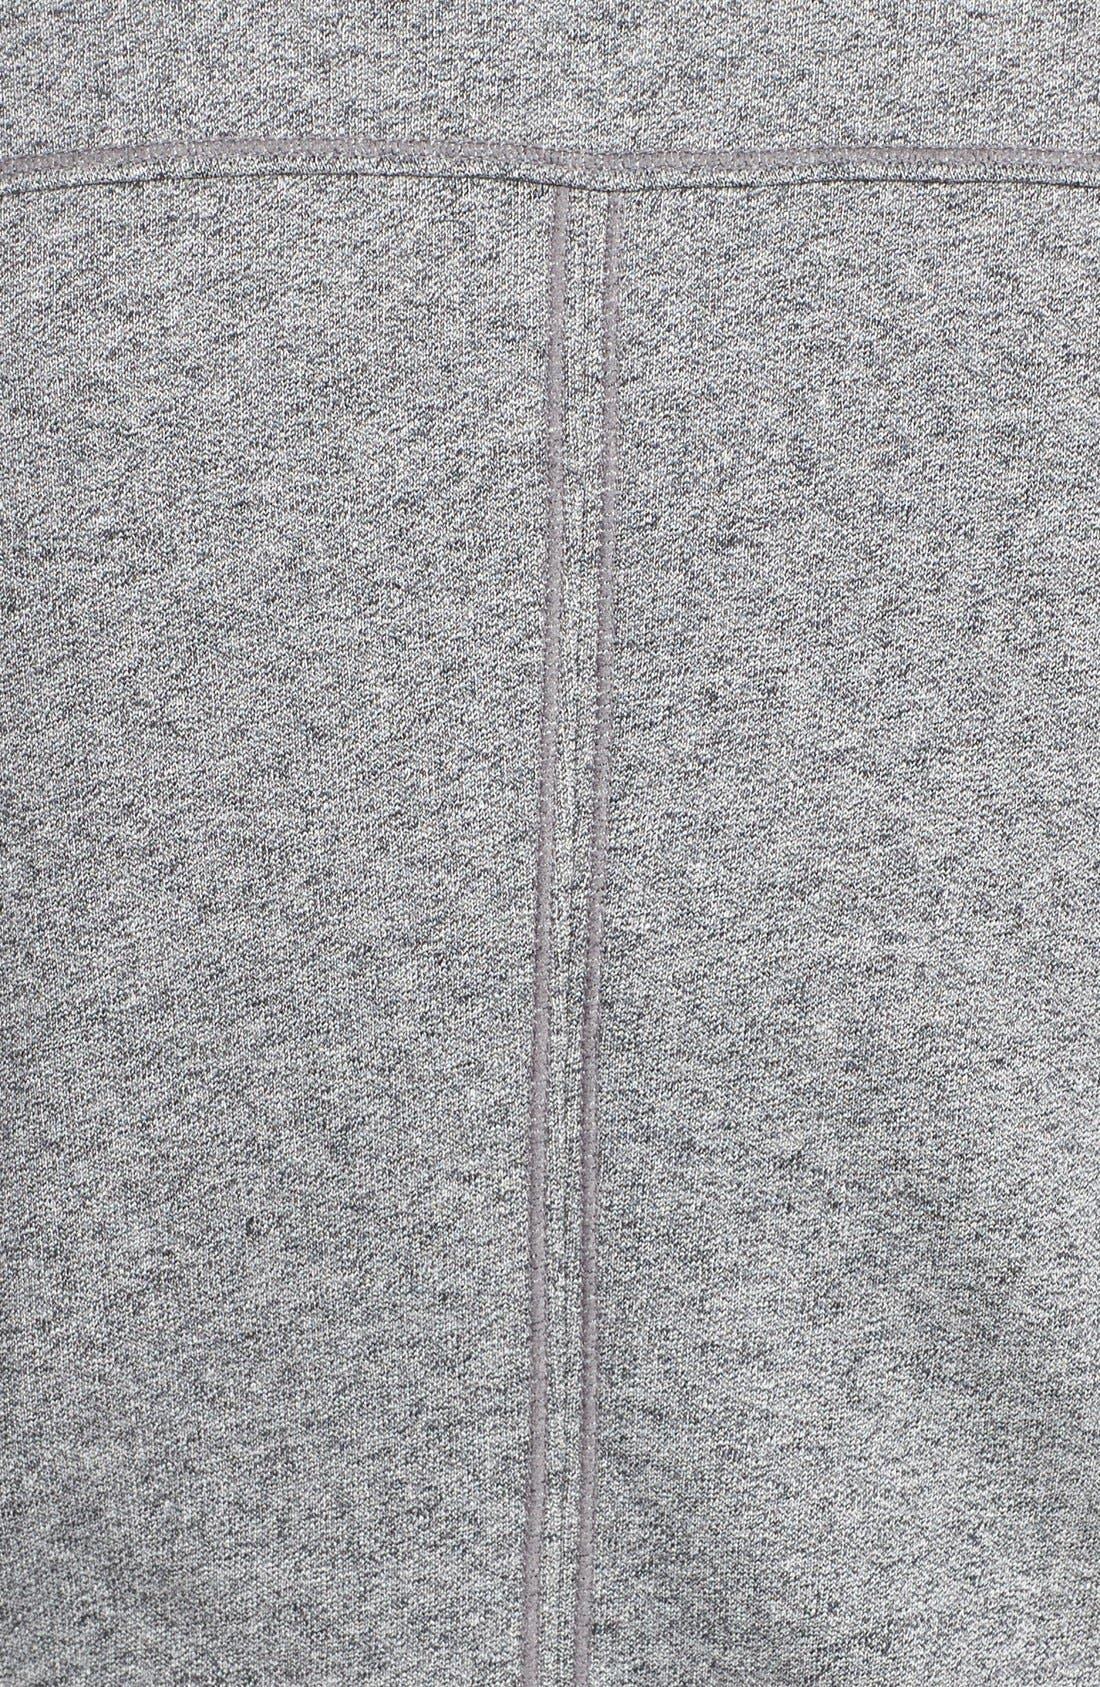 Alternate Image 5  - Zella Into Balance Jacket